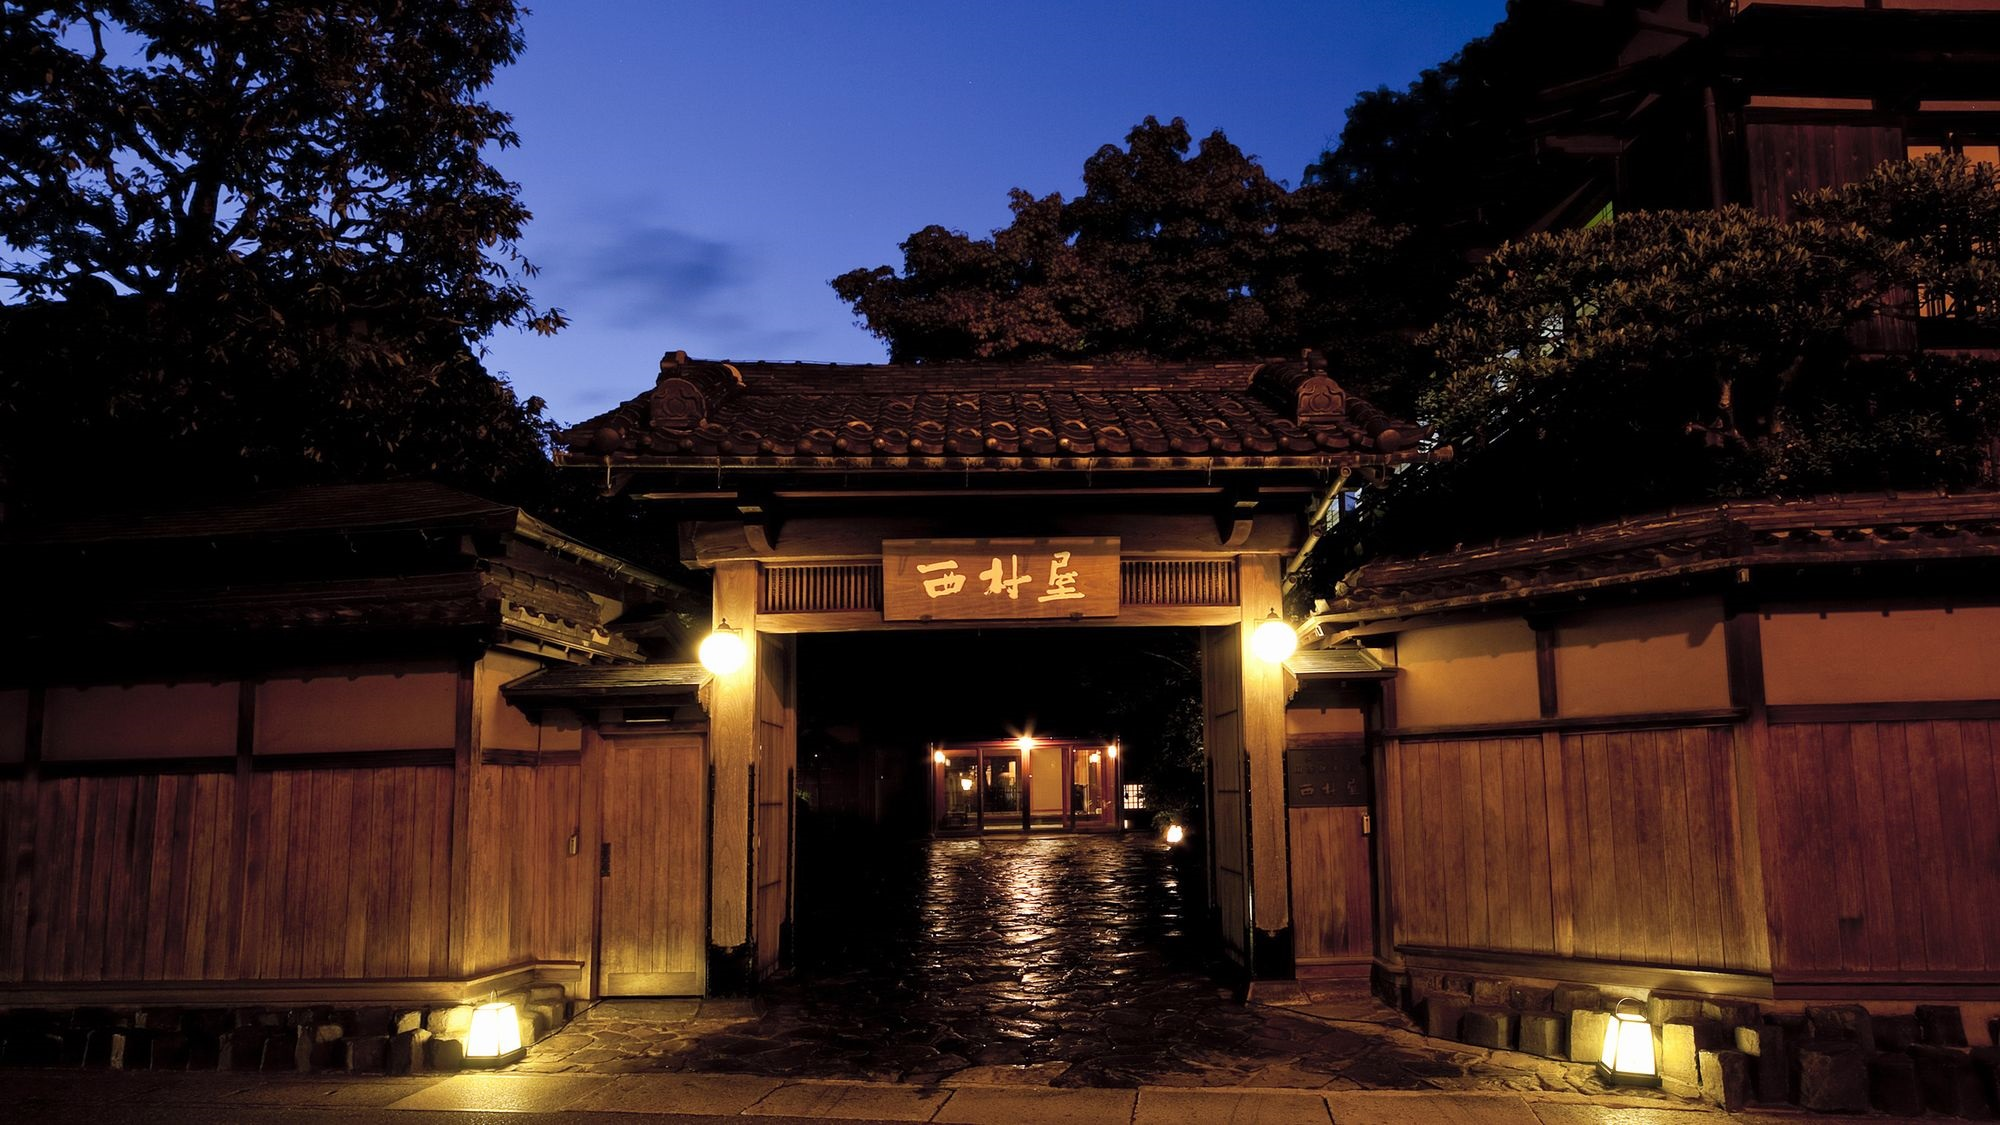 城崎温泉で贅沢したい!